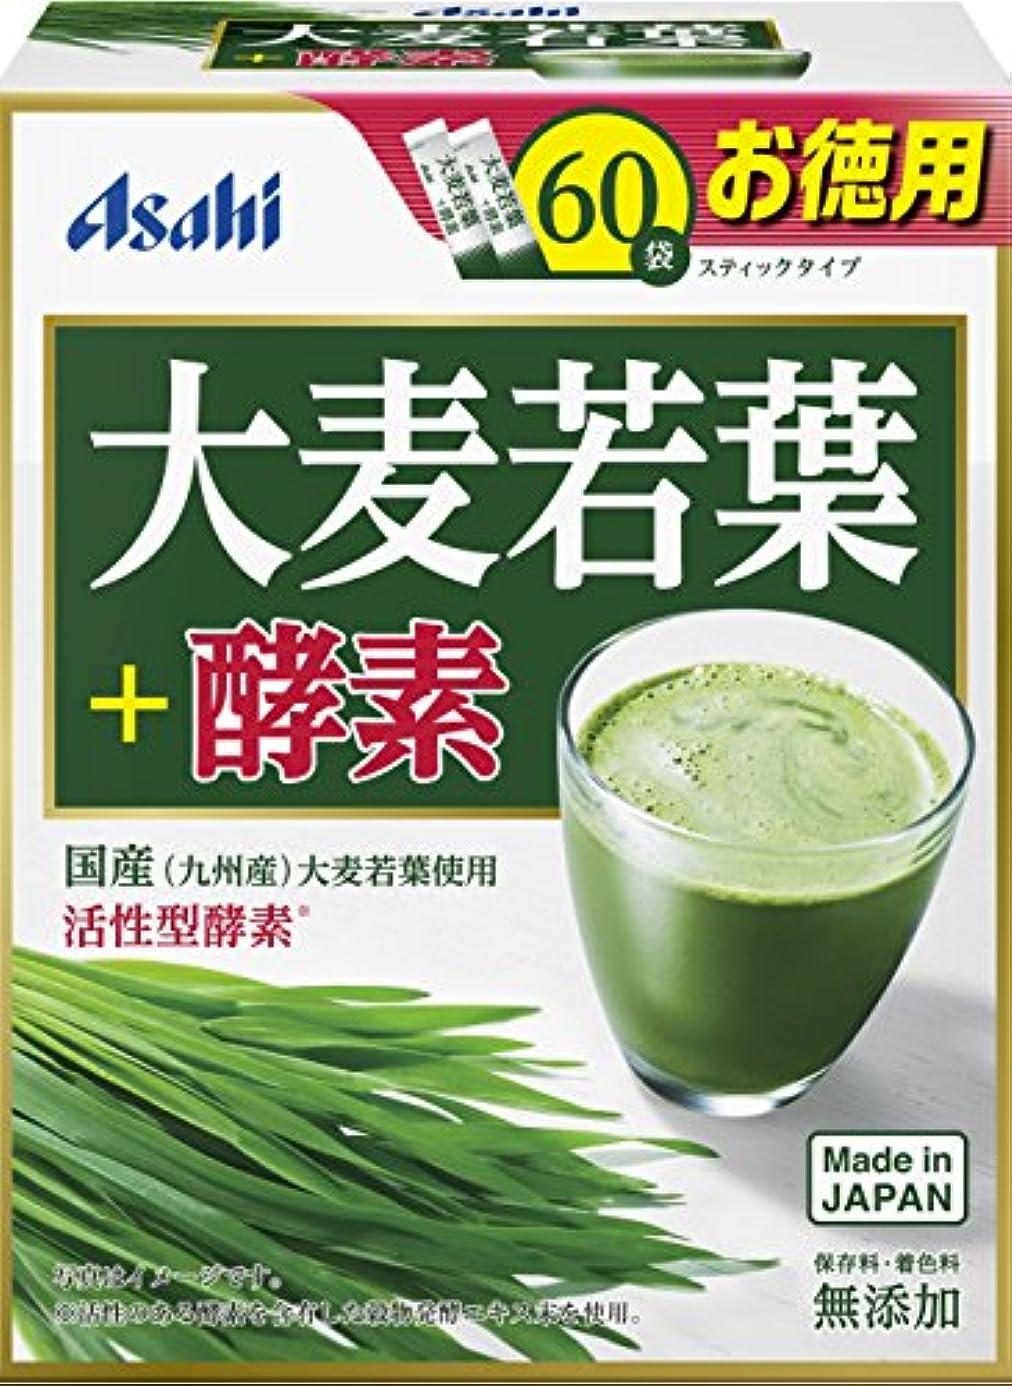 ラウンジグリースボランティア大麦若葉+酵素 60袋